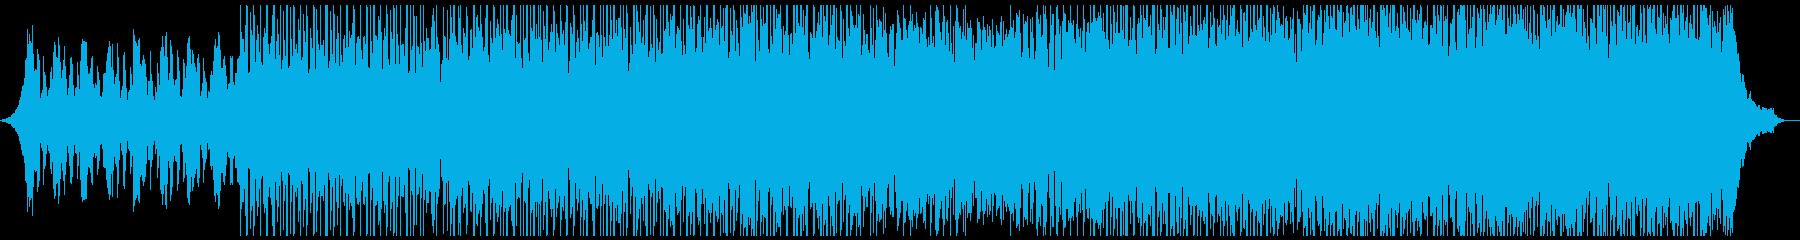 サイエンスコーポレートの再生済みの波形